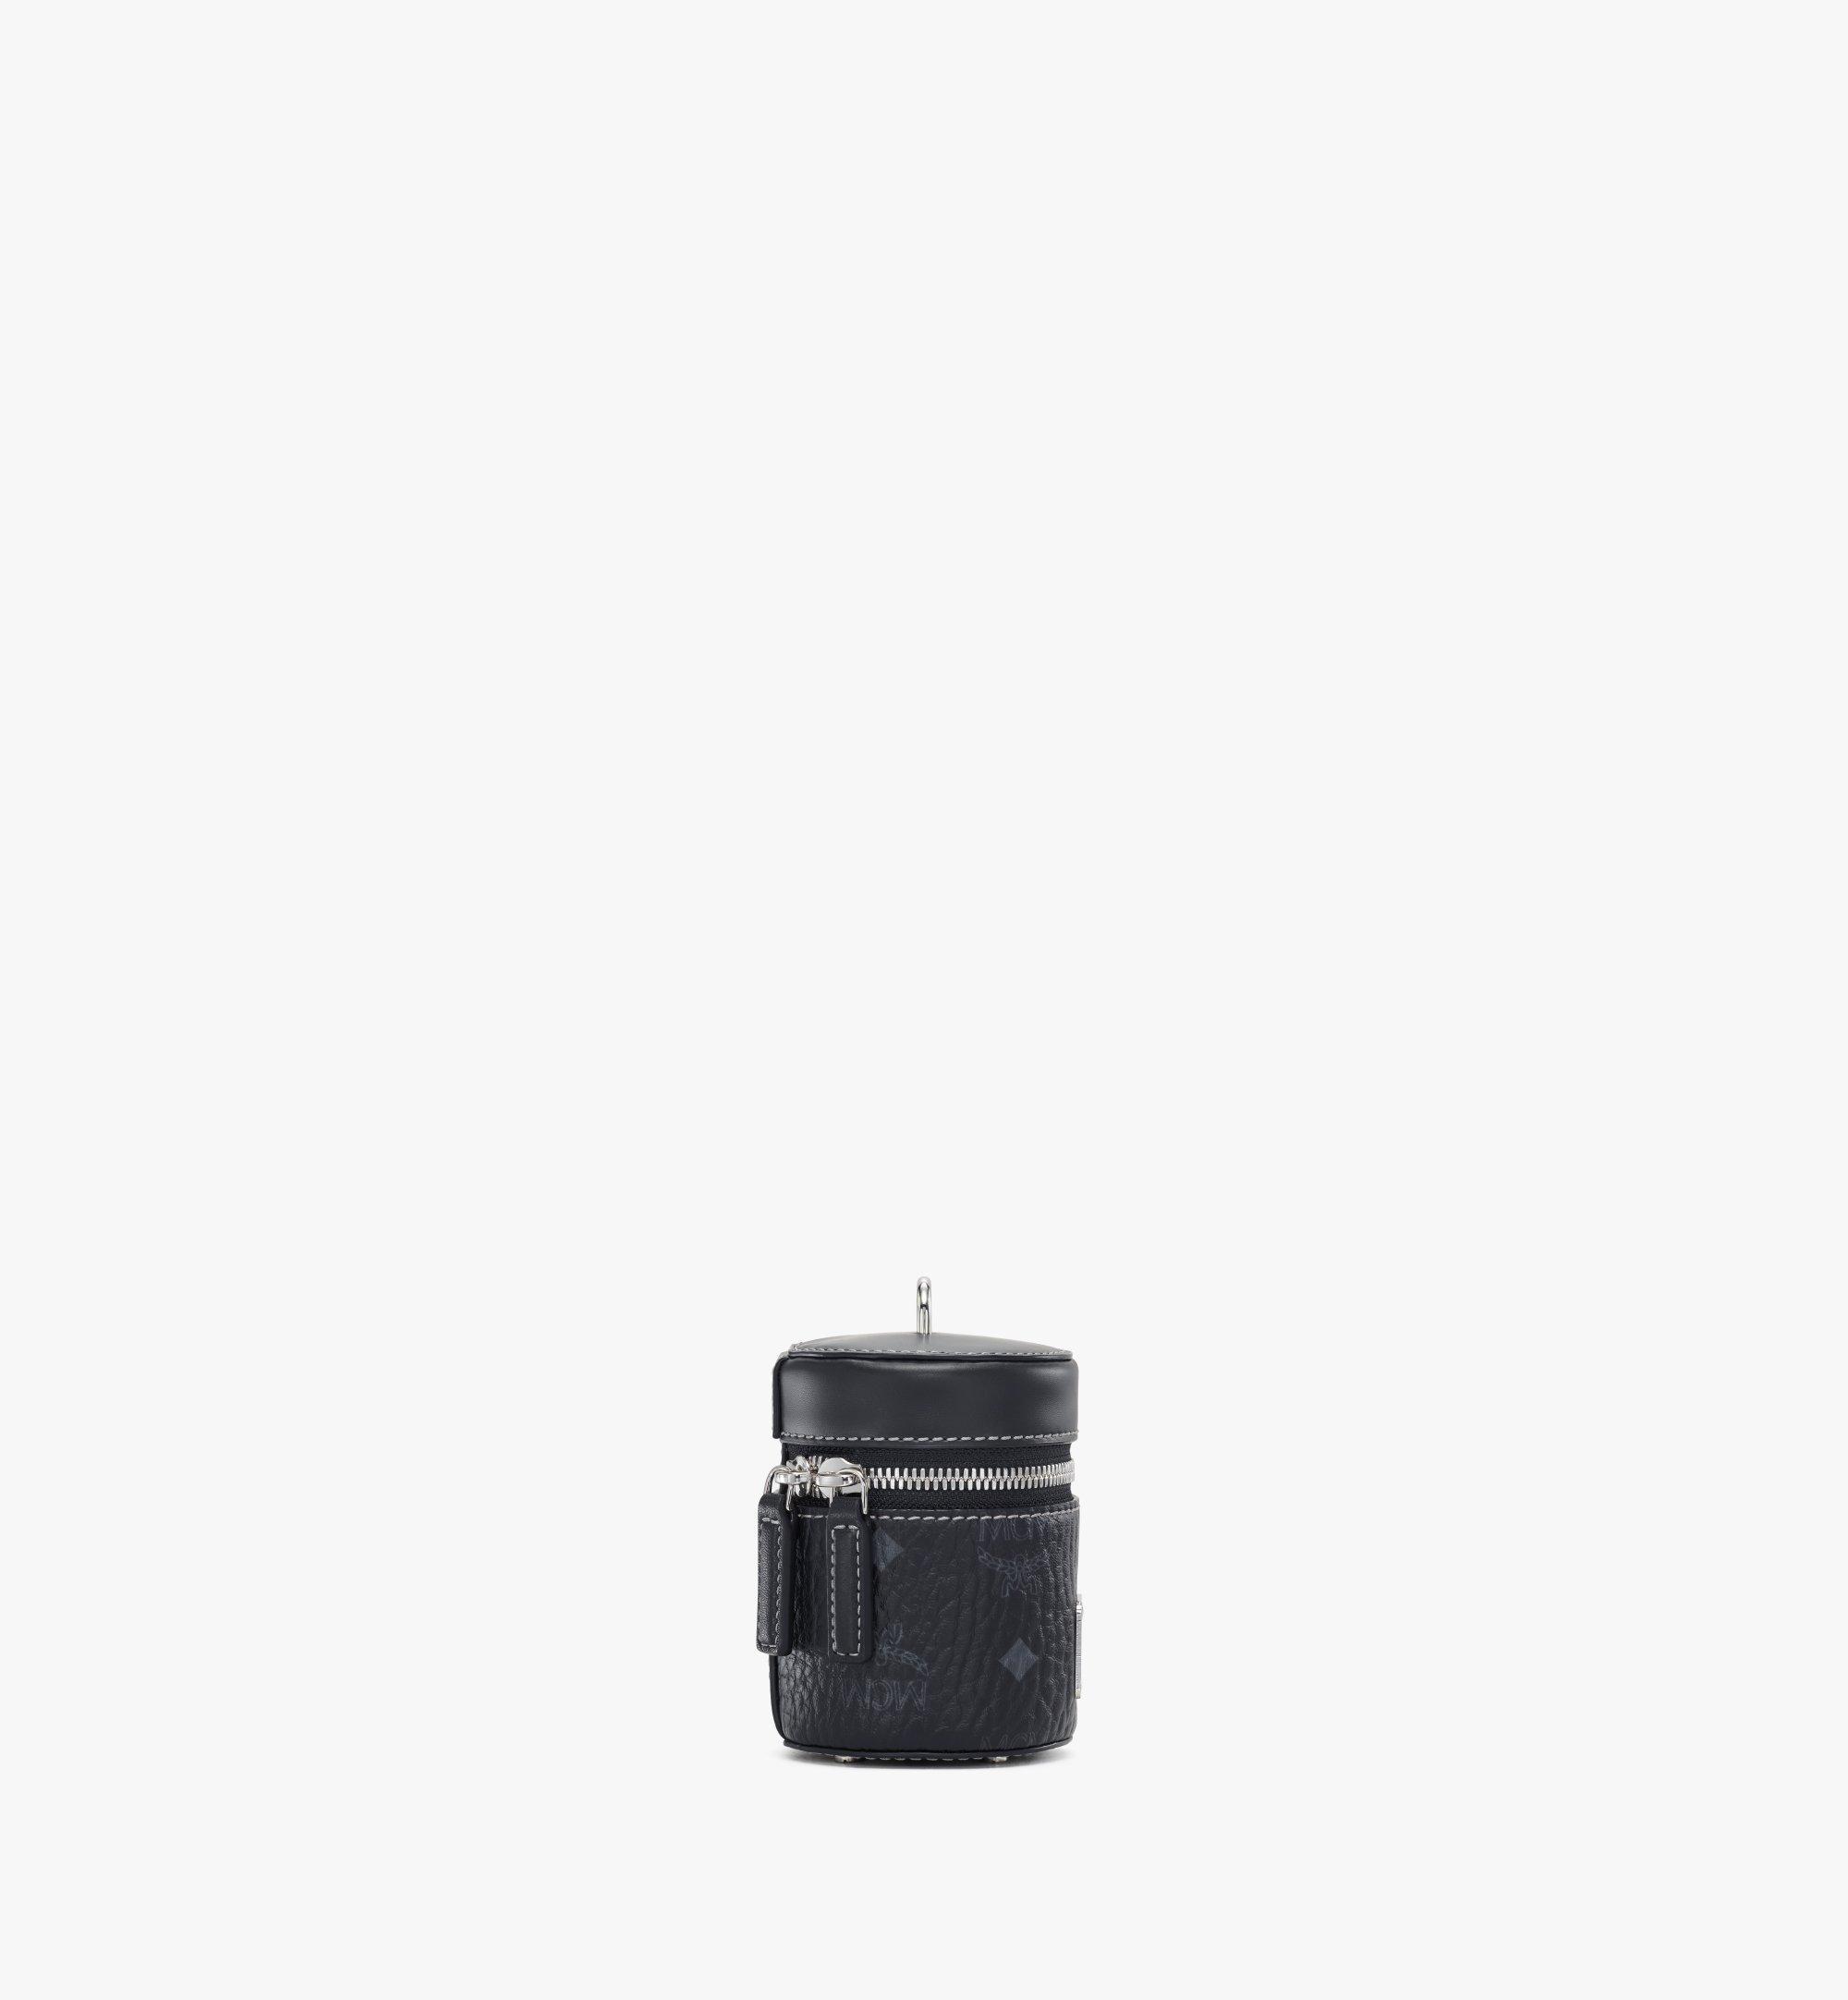 MCM Visetos圆柱形斜挎包 Black MWRAACG03BK001 更多视角 1